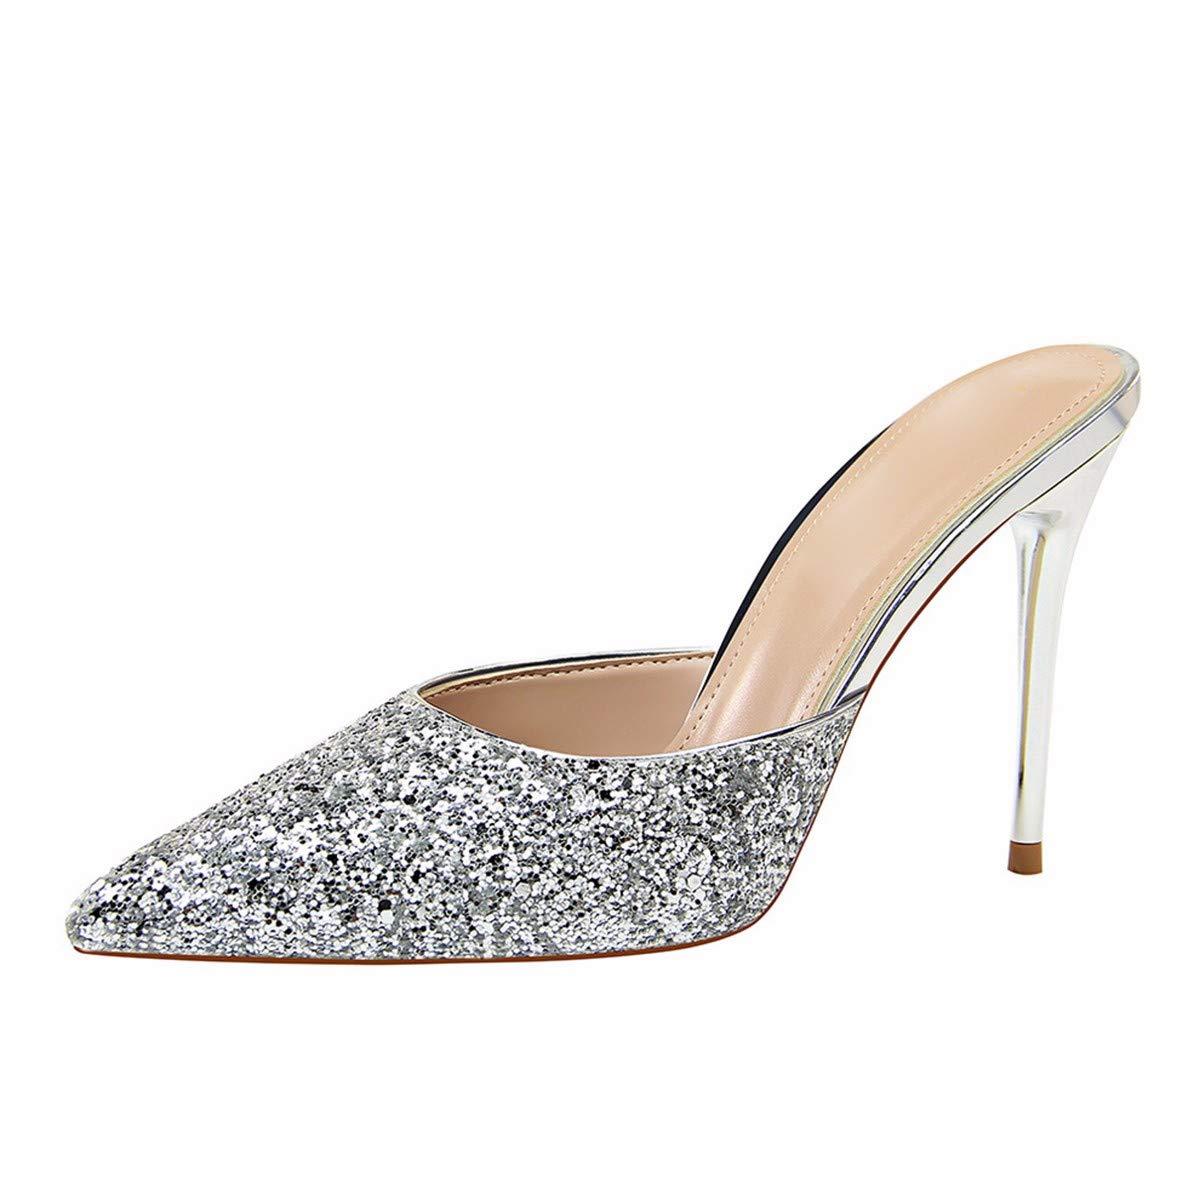 GTVERNH Damenschuhe/Mode/Metall mit Dünner Sohle 10Cm Hohen Ferse Flach Wies mit Mode Einfache Pailletten Baotou Pantoffeln Weibliche Cool Ziehen.